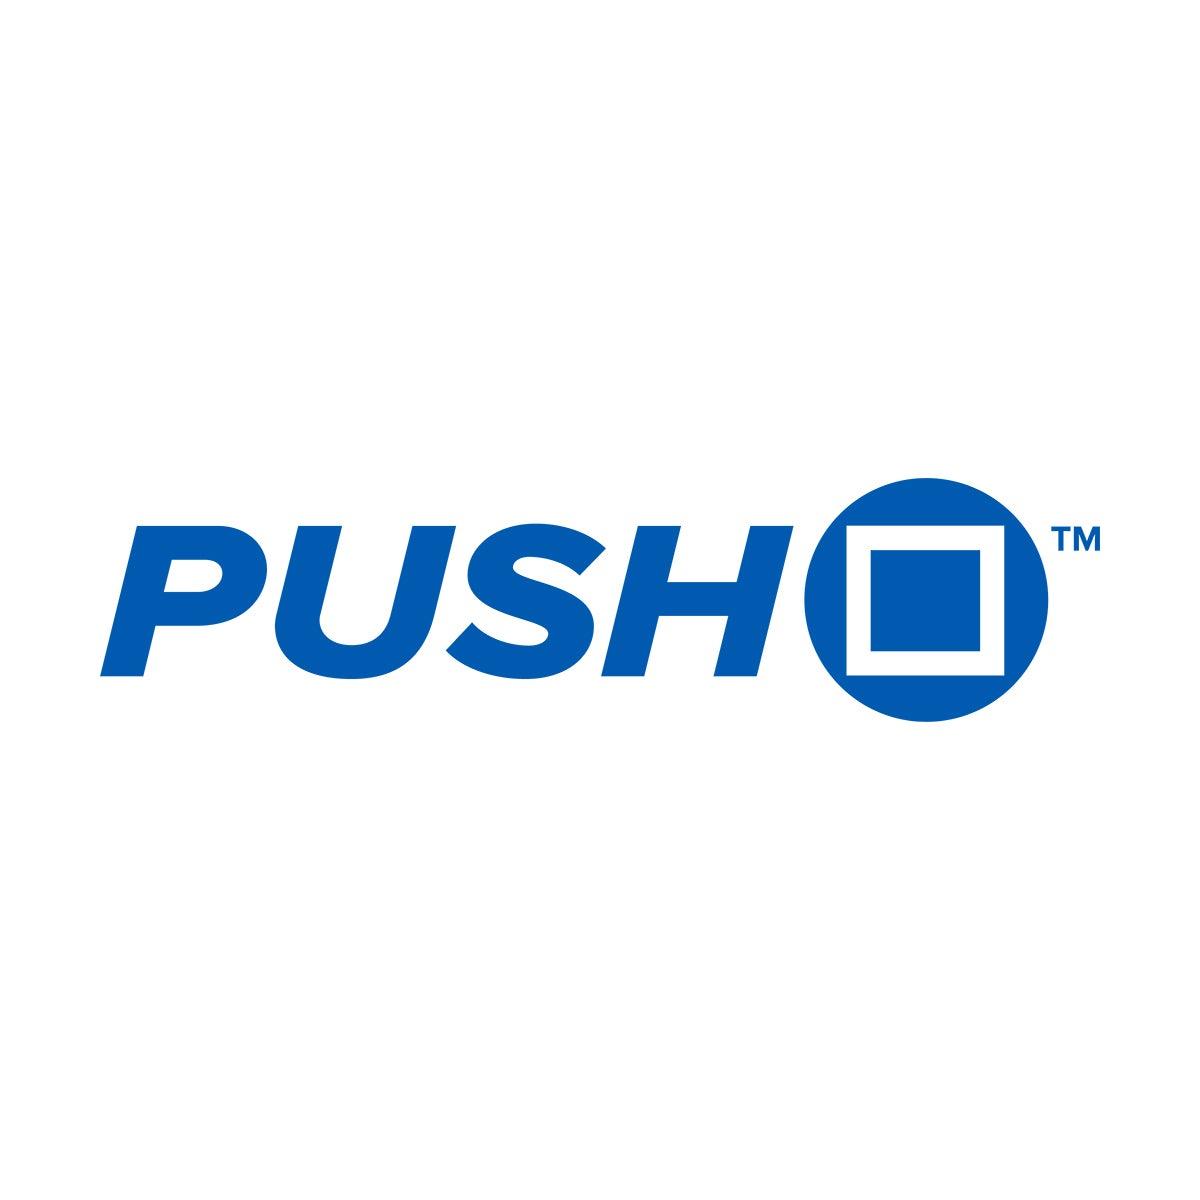 Push Square thumbnail